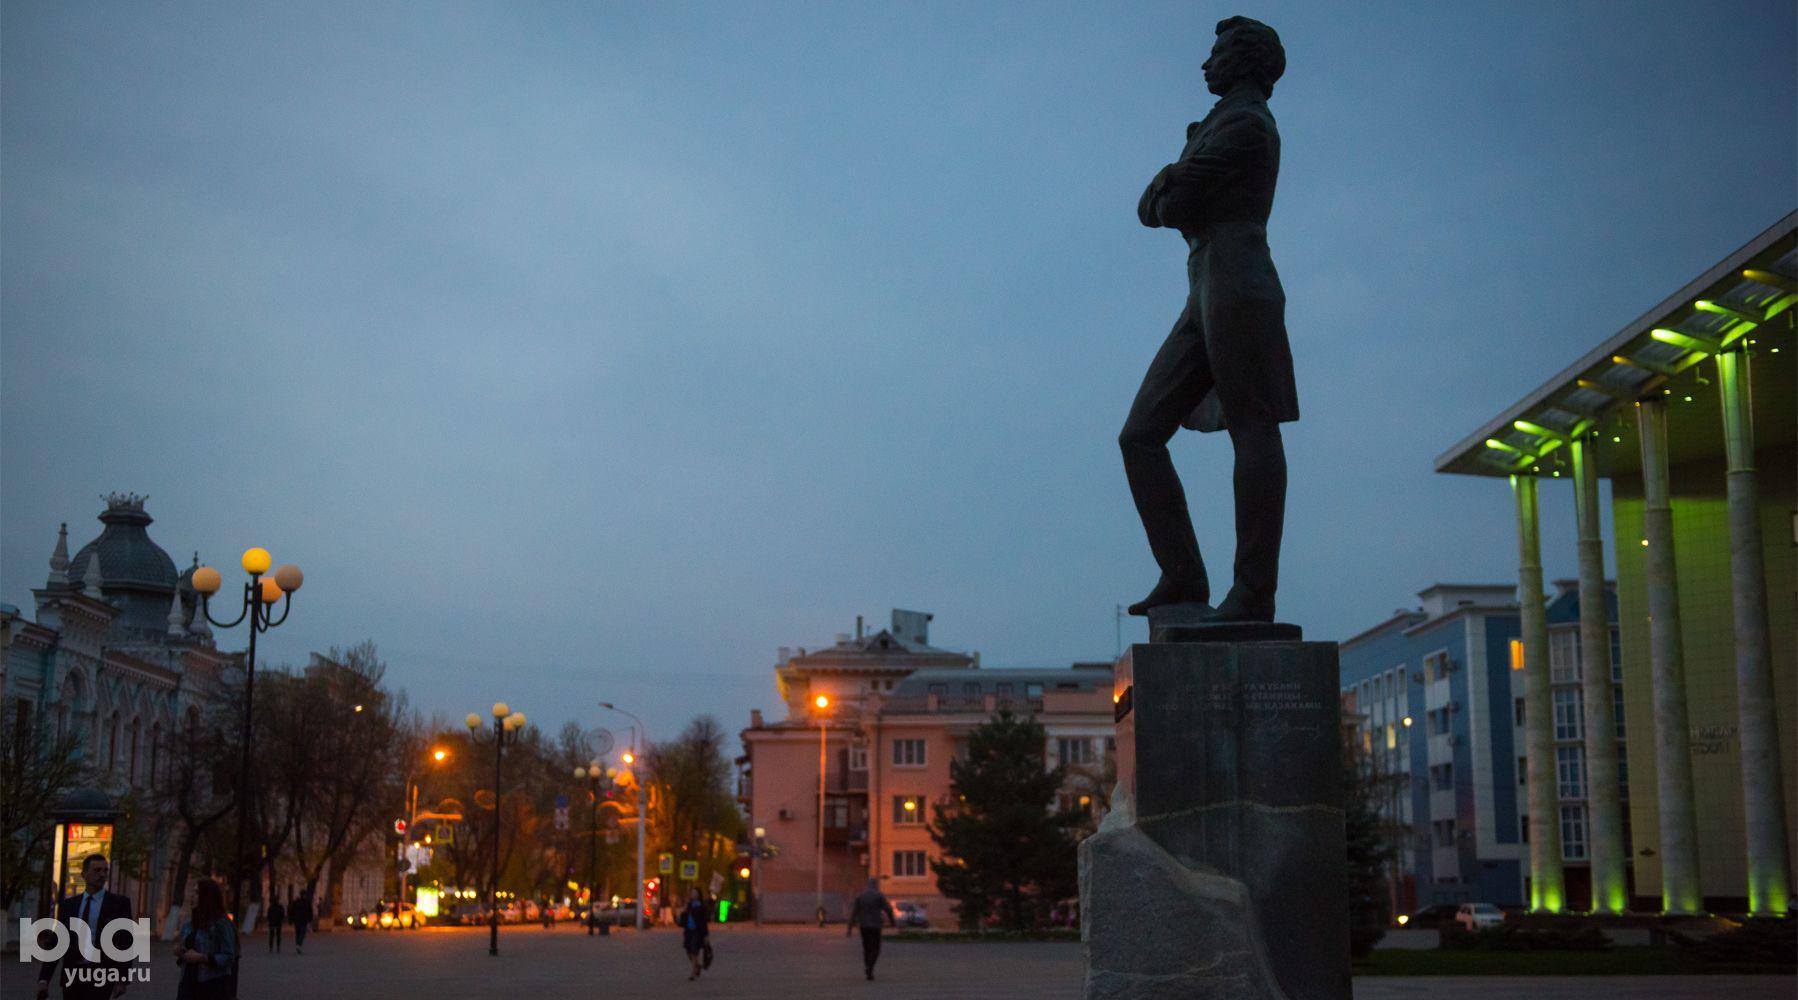 Пушкинская площадь ©Фото Елены Синеок, Юга.ру